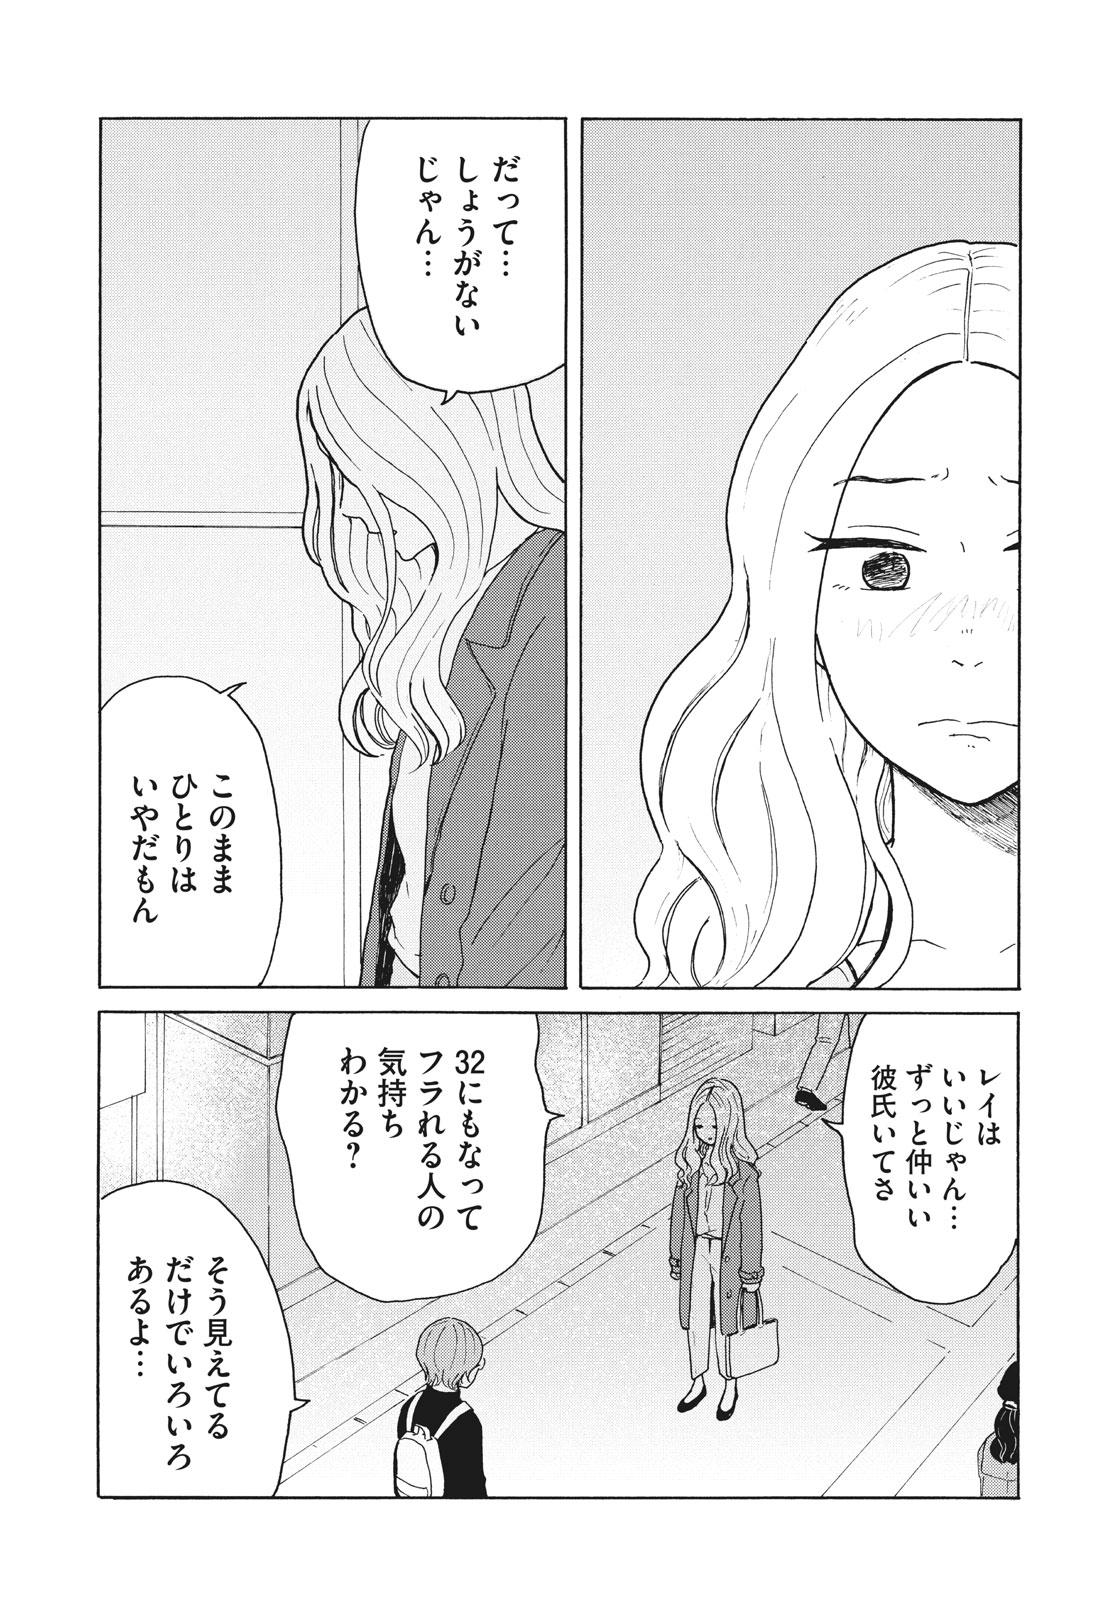 007_30日_2020_011_E.jpg